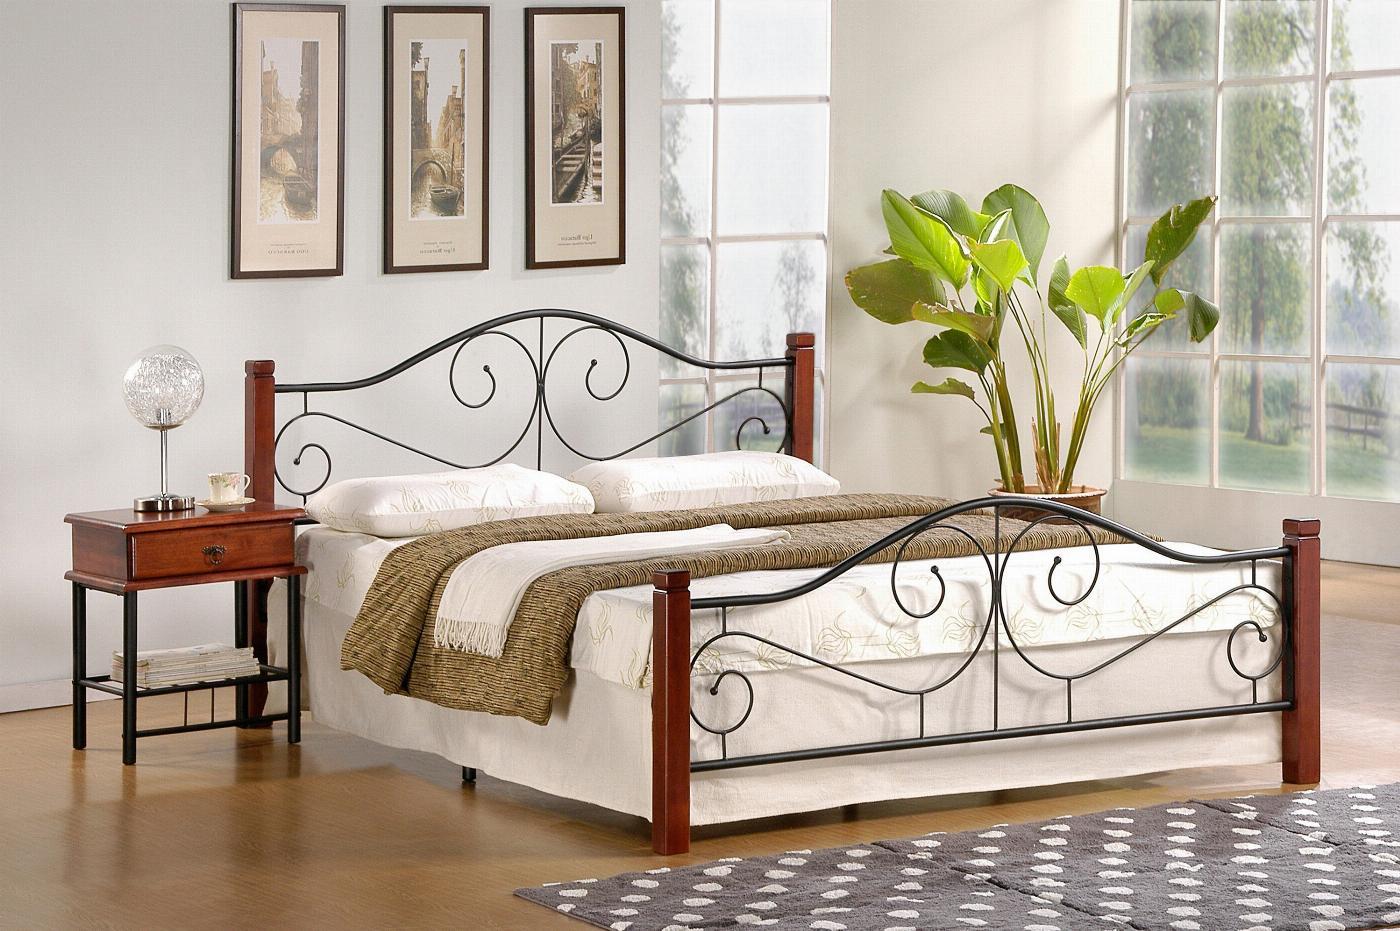 VIOLETTA 160 cm łóżko czereśnia ant./czarny (3p=1szt) ze stelażem